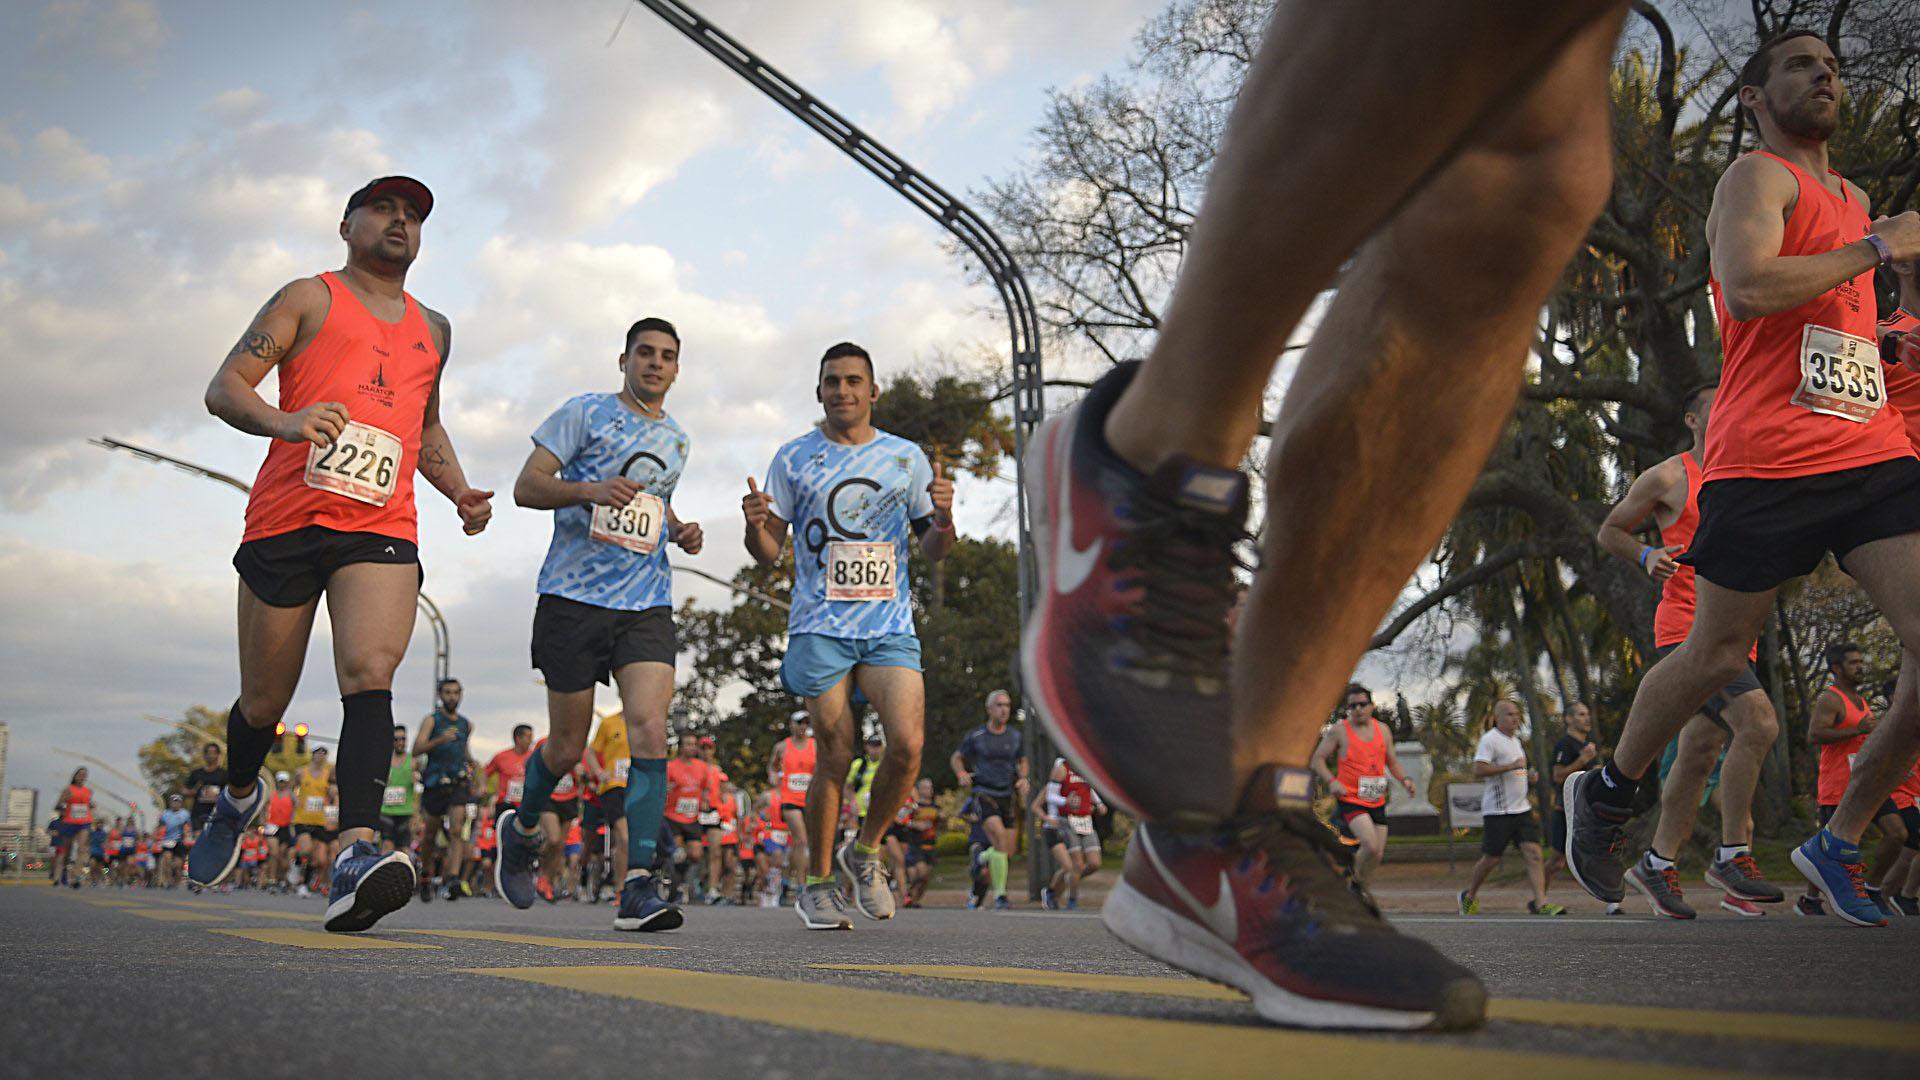 Este año también se puso en juego el Campeonato Sudamericano de Maratón, una competencia organizada por la Confederación Sudamericana de Atletismo. Hubo victorias de Perú entre los hombres y de Ecuador en la rama femenina